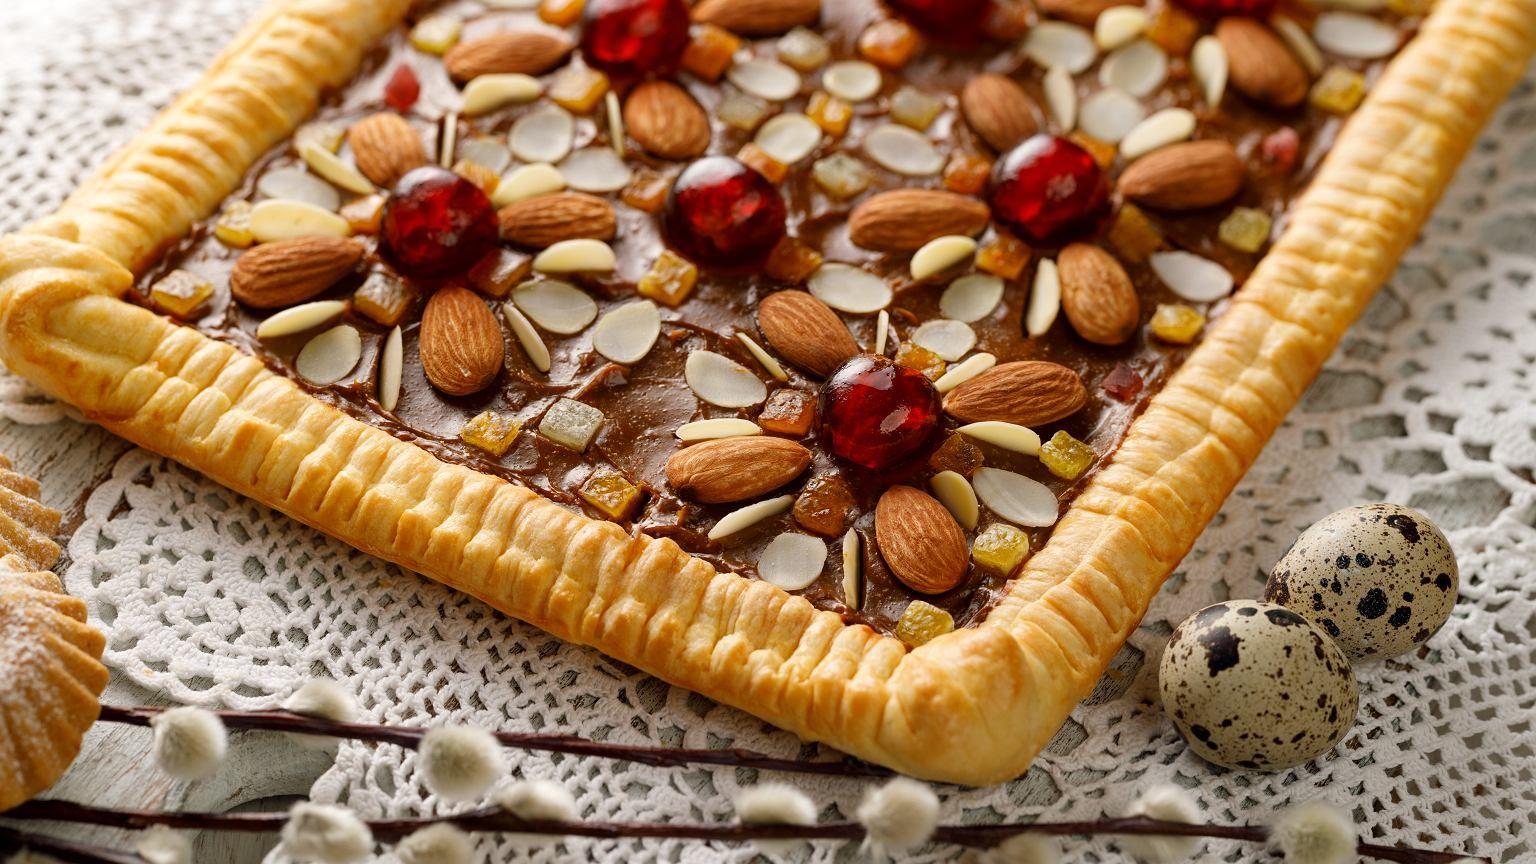 Mazurki Wielkanocne To Ciasta Na Ktore Wszyscy Czekaja W Swieta Nie Dosc Ze Sa Przepyszne I Rozplywaja Sie W Ustach To Bardzo Latwo Oz Desserts Food Baking